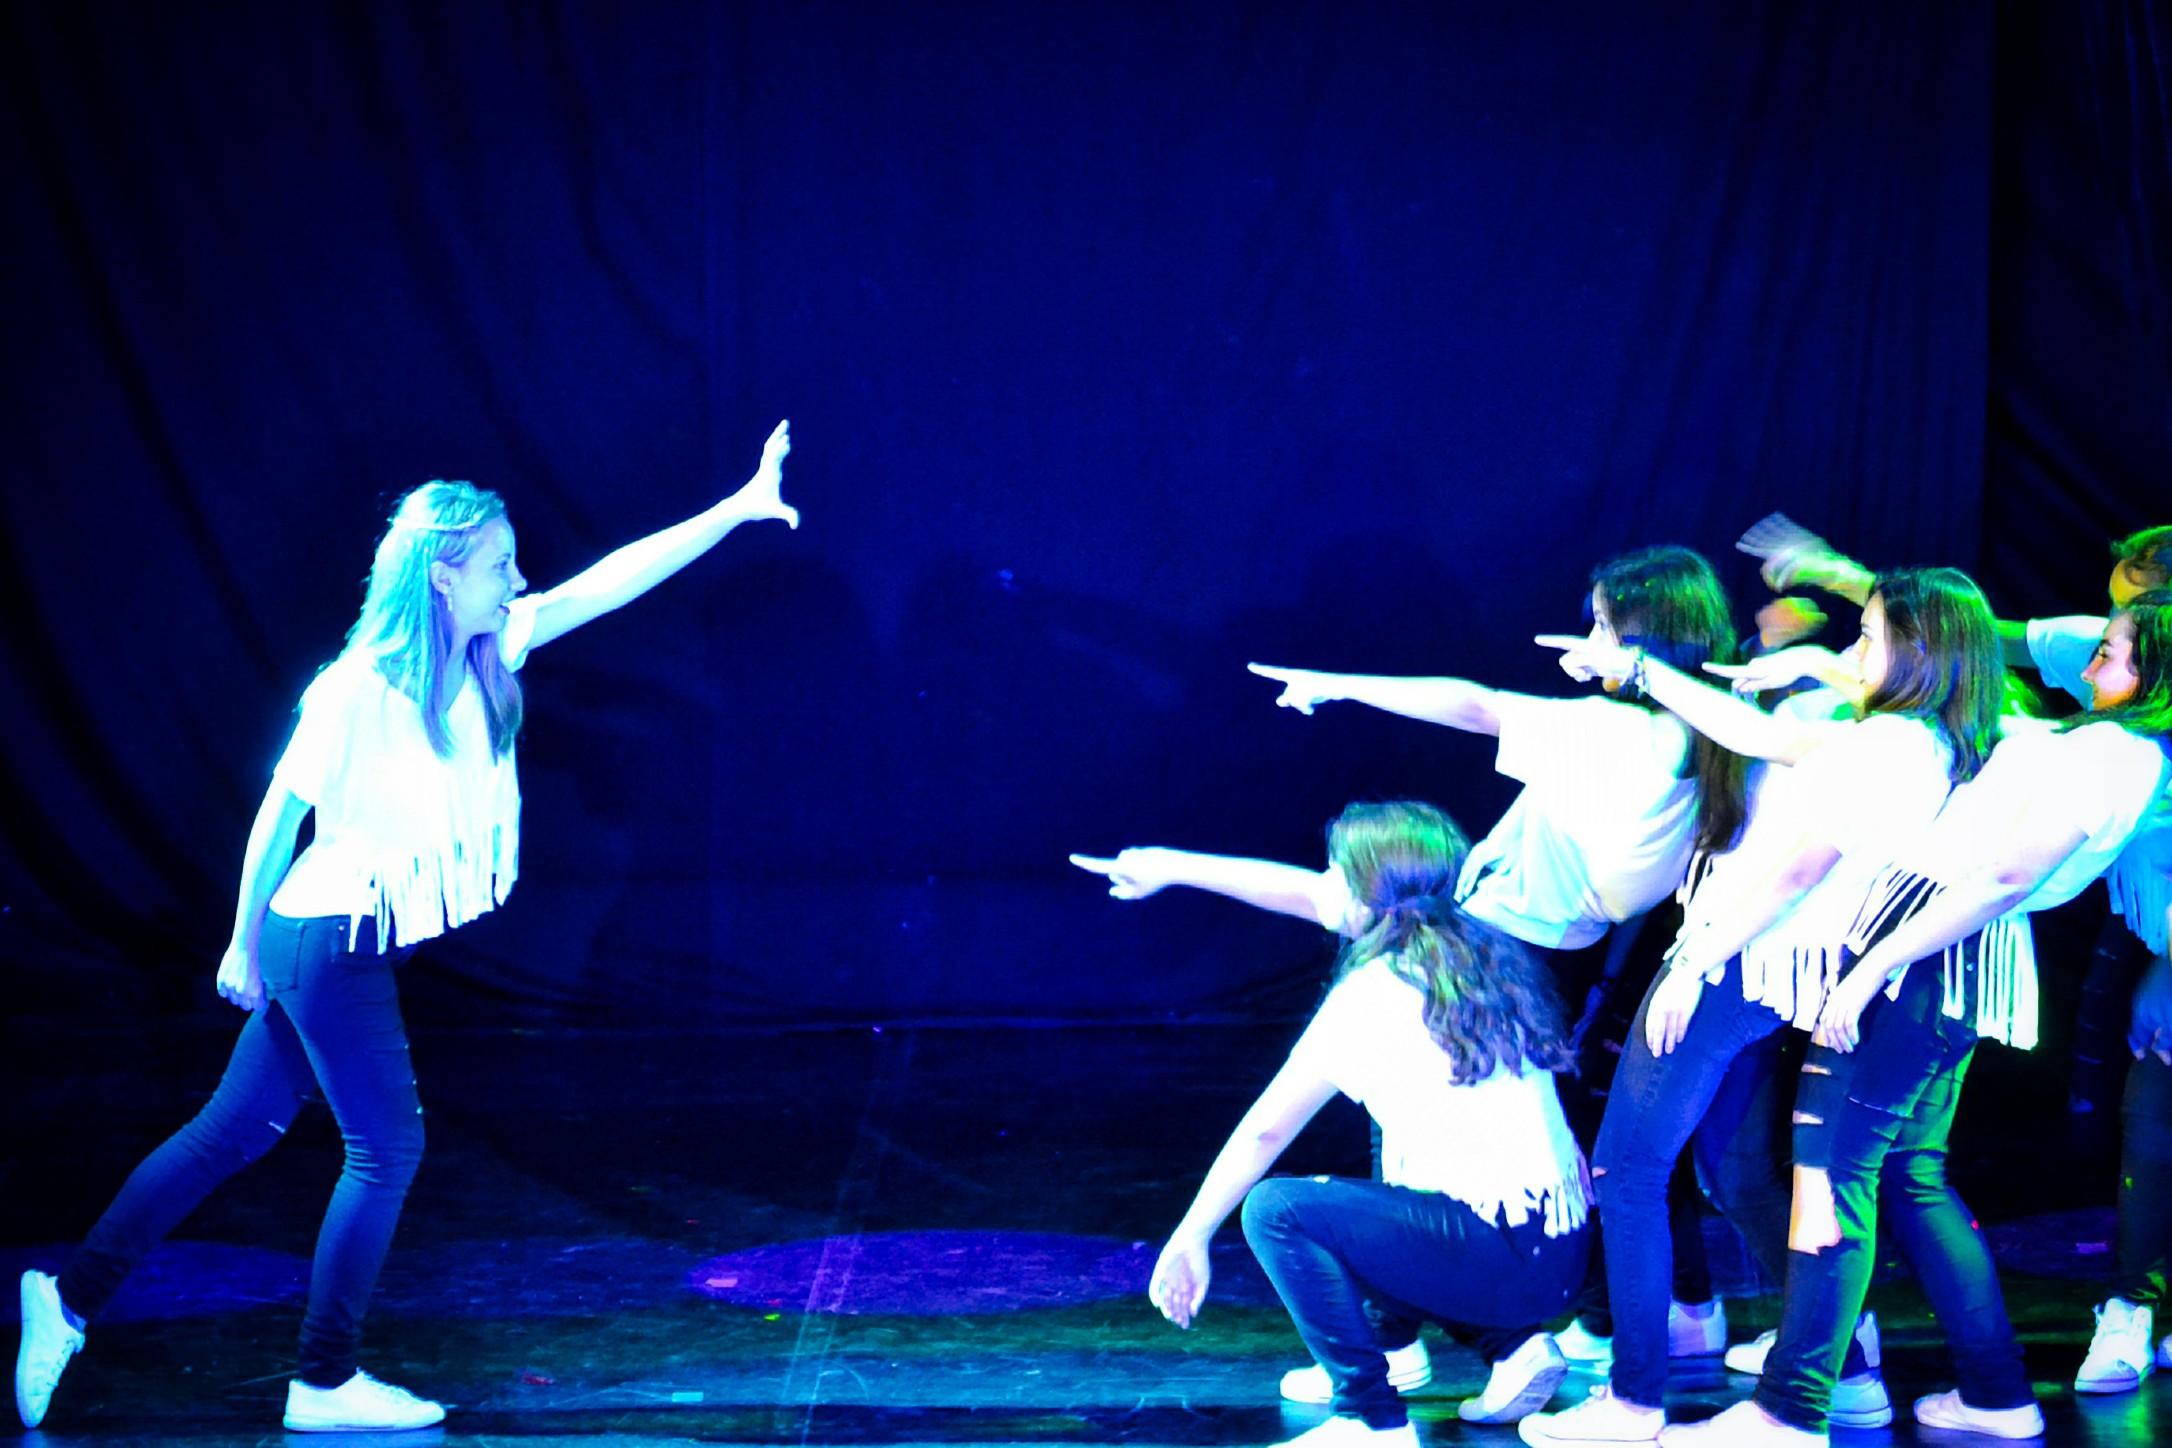 Linea-de-Baile-festival-verano-2015-clases-de-baile-valencia-26